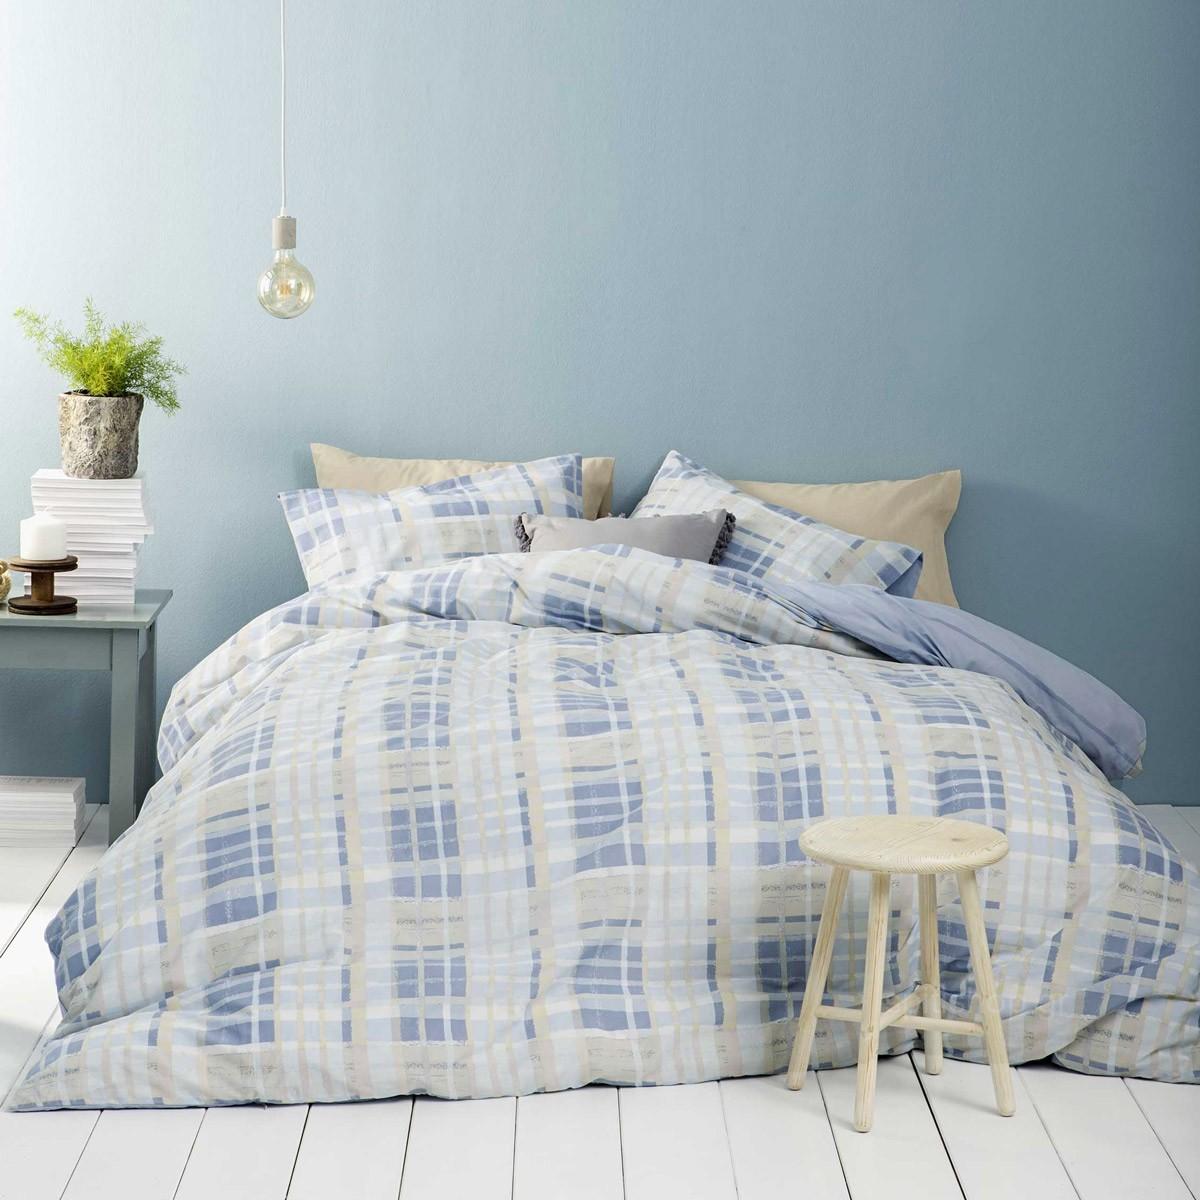 Σεντόνια Μονά (Σετ) Nima Bed Linen Melville Blue ΧΩΡΙΣ ΛΑΣΤΙΧΟ 170×260 ΧΩΡΙΣ ΛΑΣΤΙΧΟ 170×260